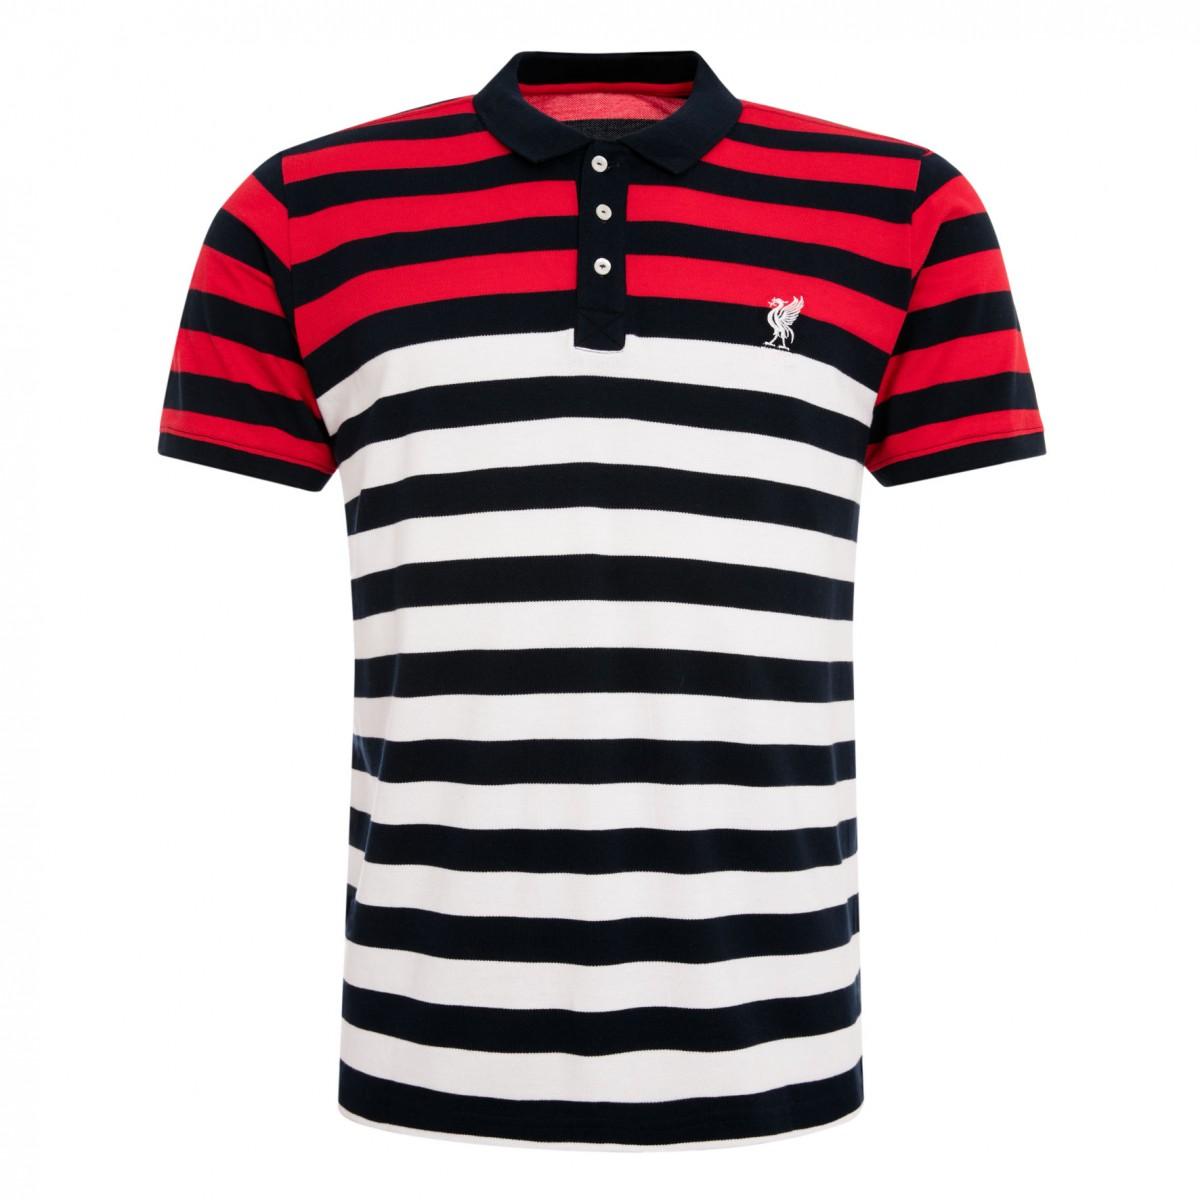 เสื้อโปโลลิเวอร์พูลของแท้ Mens Core Striped Polo Shirt